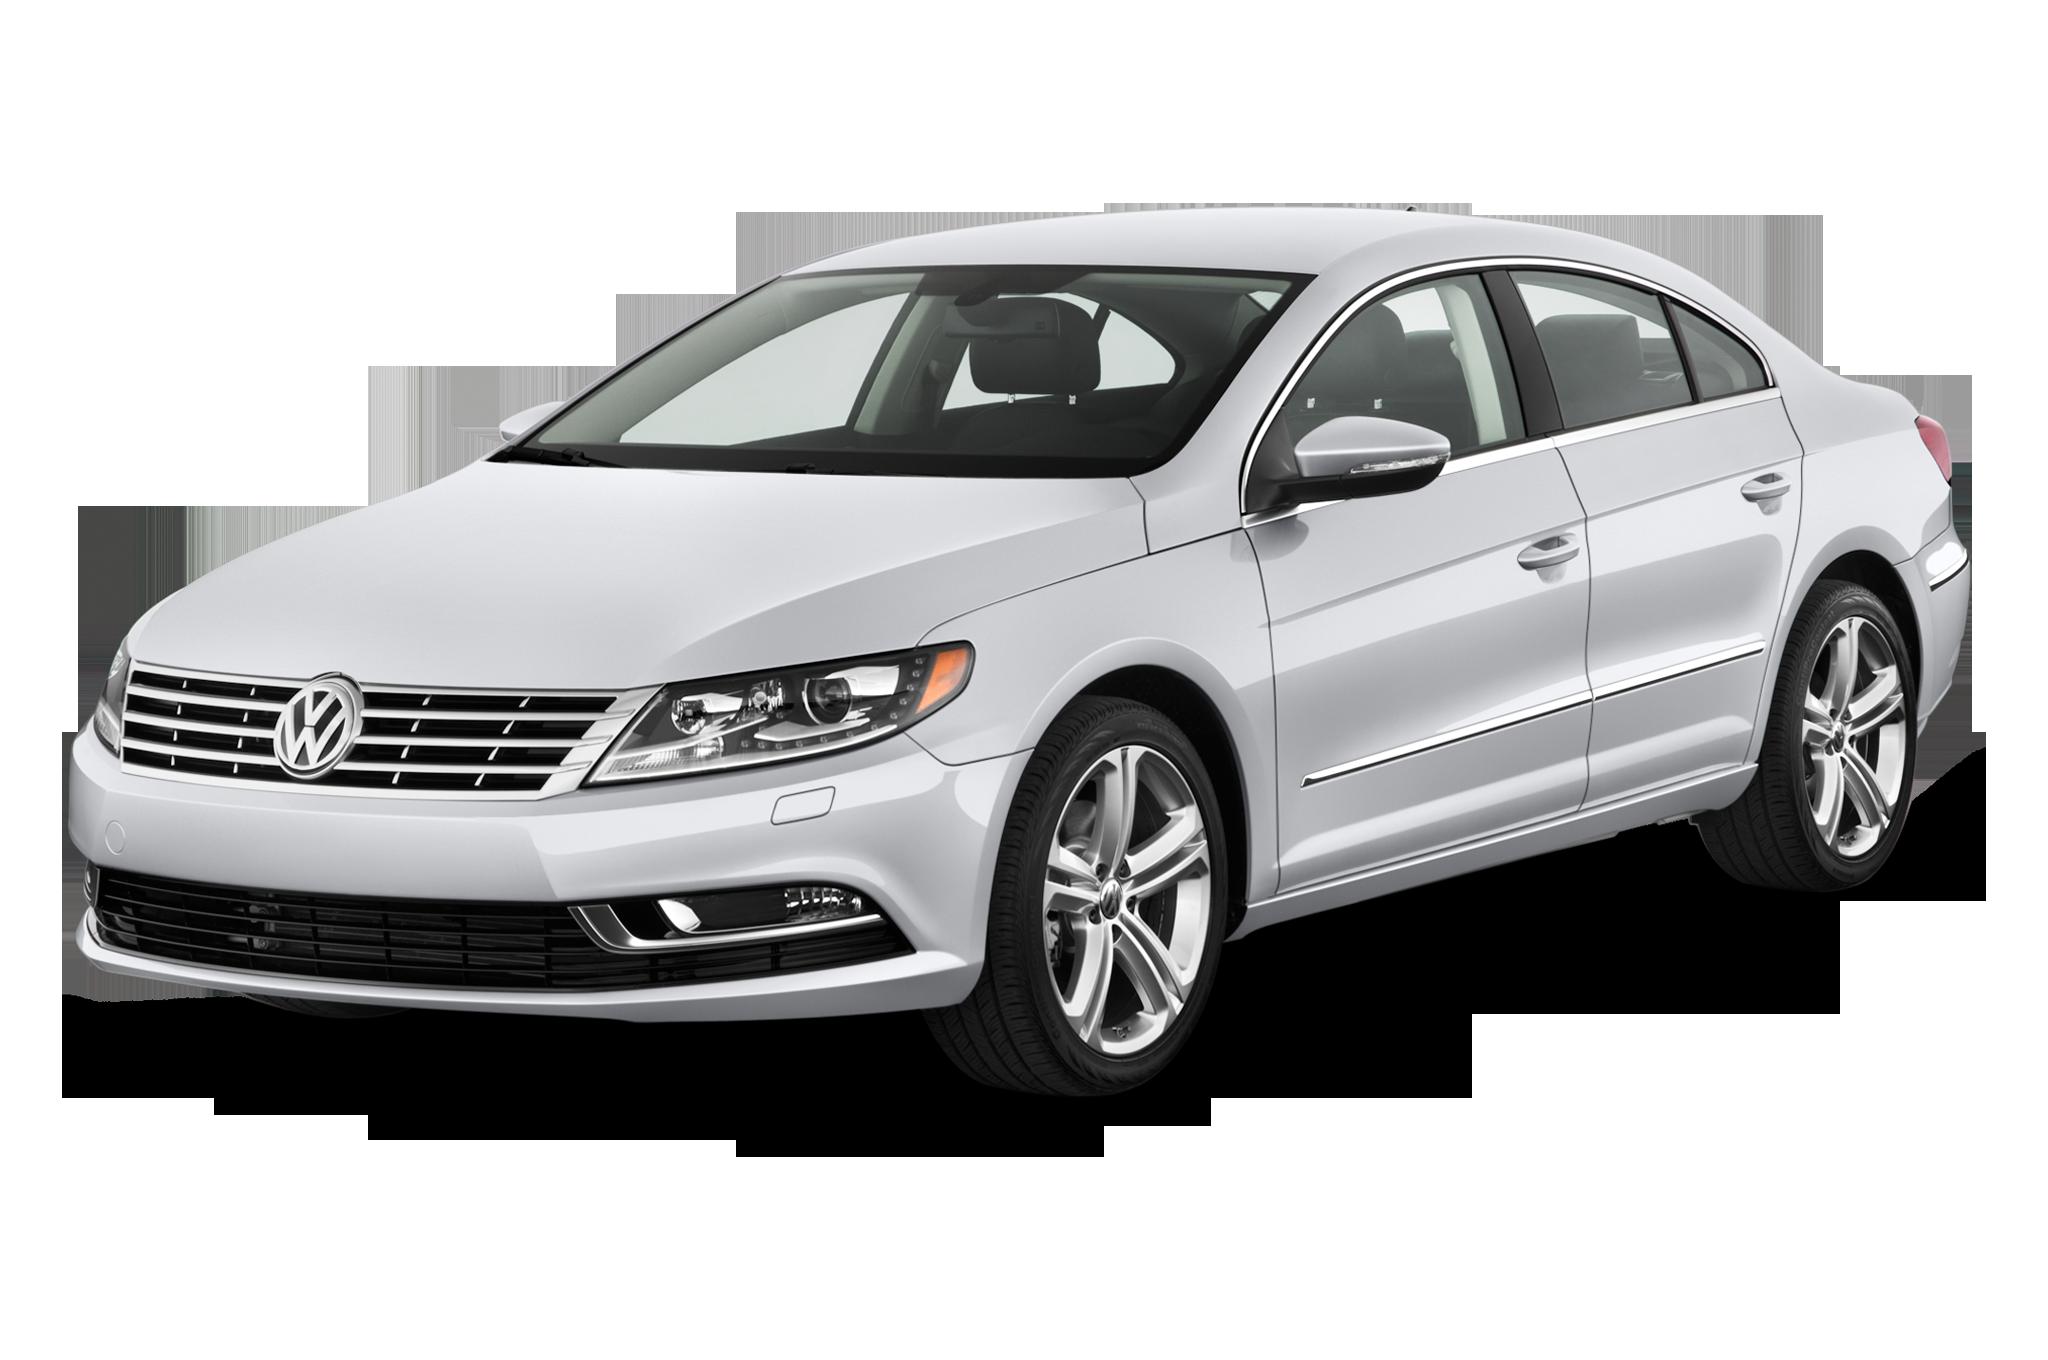 Report: Next-Gen Volkswagen CC Under Development - Automobile Magazine